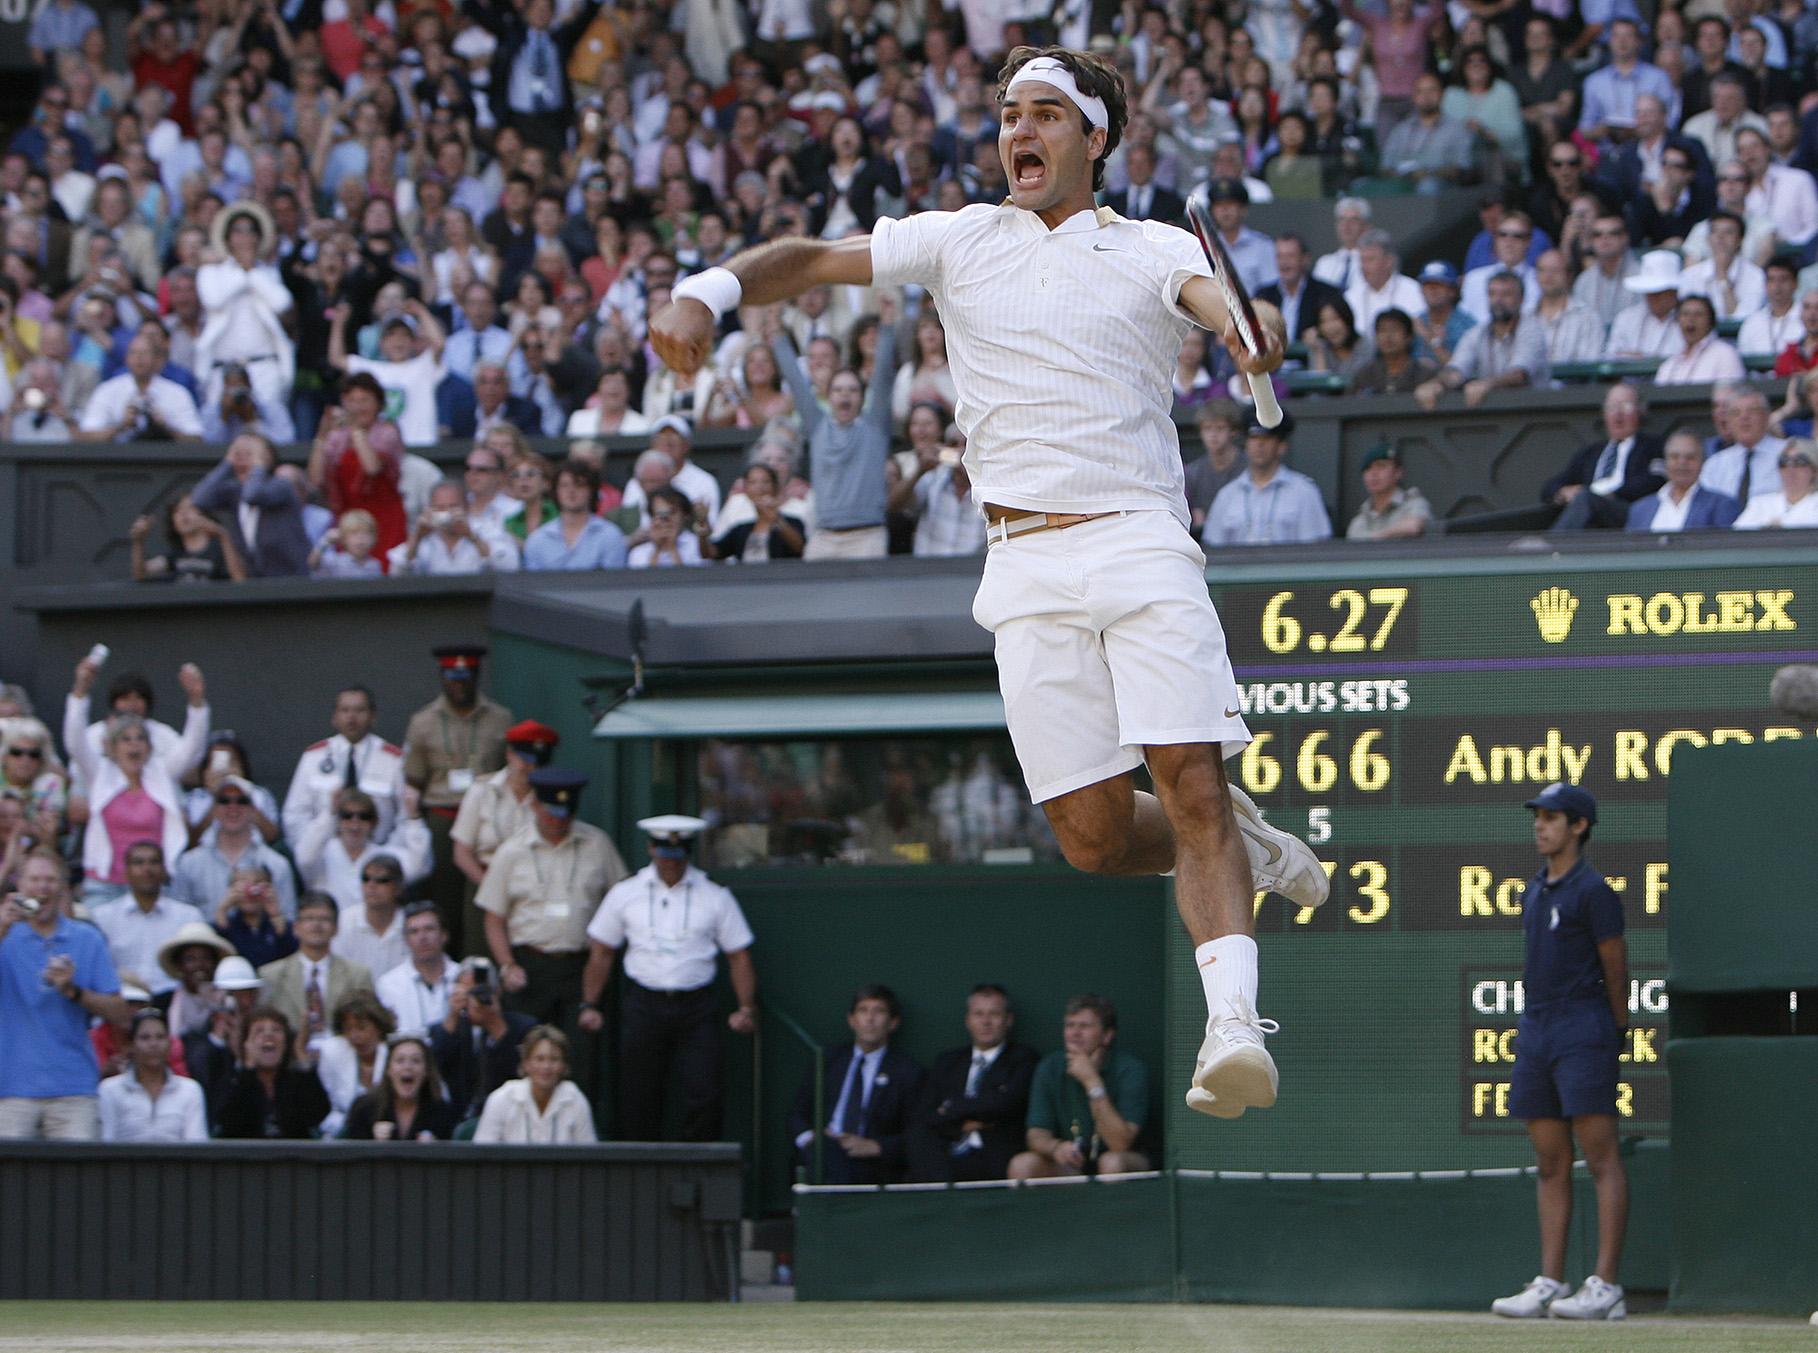 Roger Federer wins Wimbledon